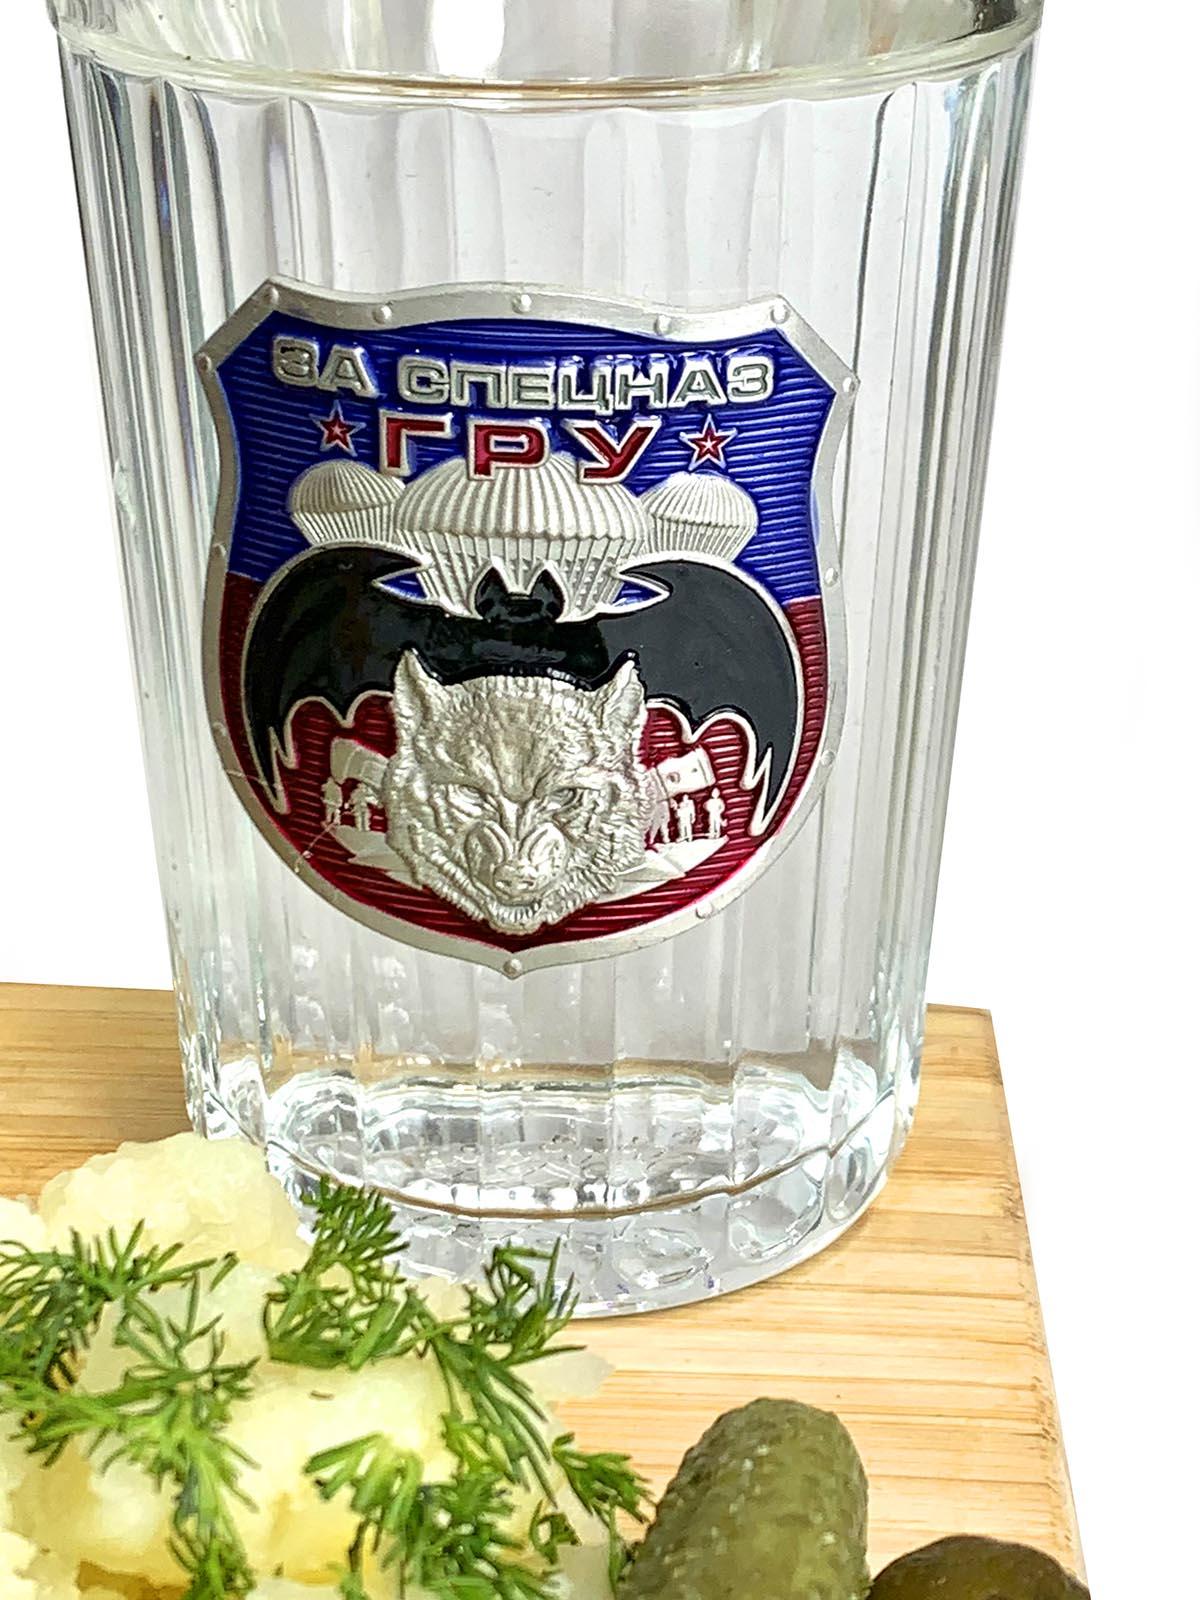 Подарочные стаканы Спецназ ГРУ